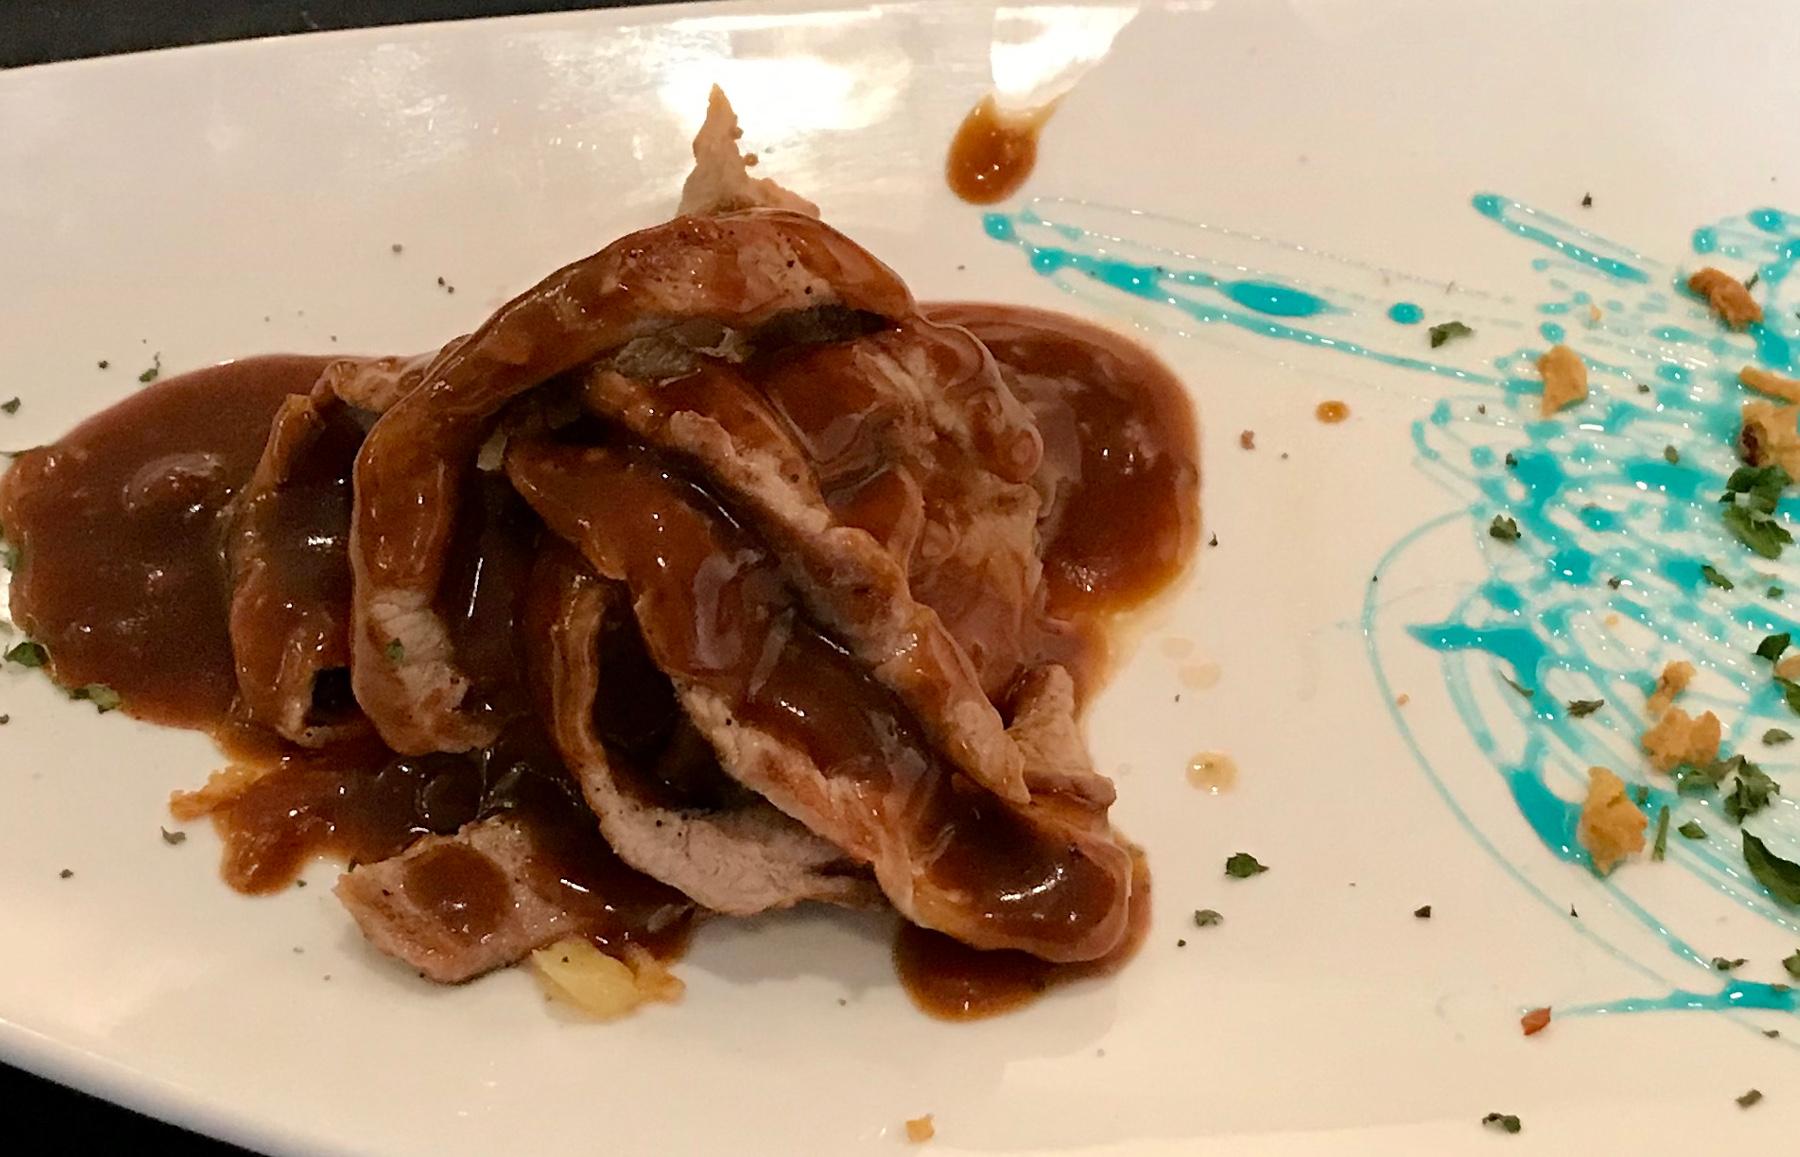 Fideos de presa macerada sobre patatas panadera, salsa cazadora y crujiente de cebolla